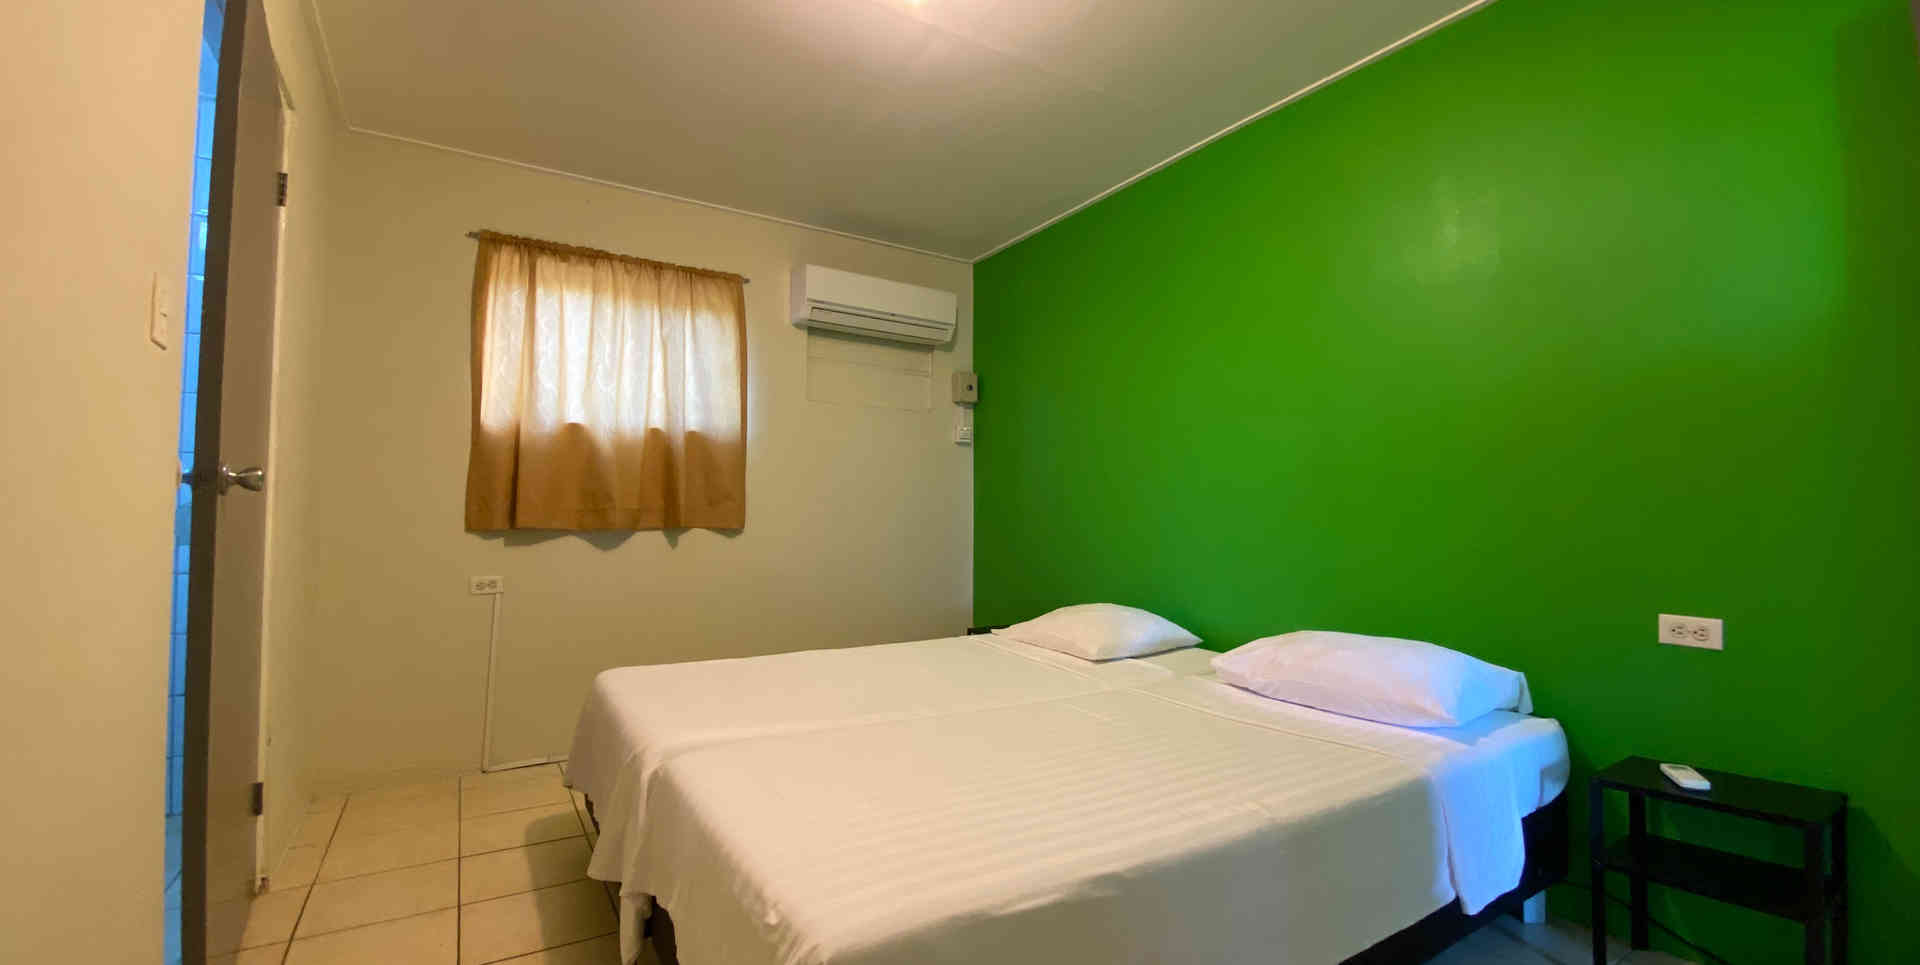 2020 studentenflat #108 slaapkamer 1.JPG